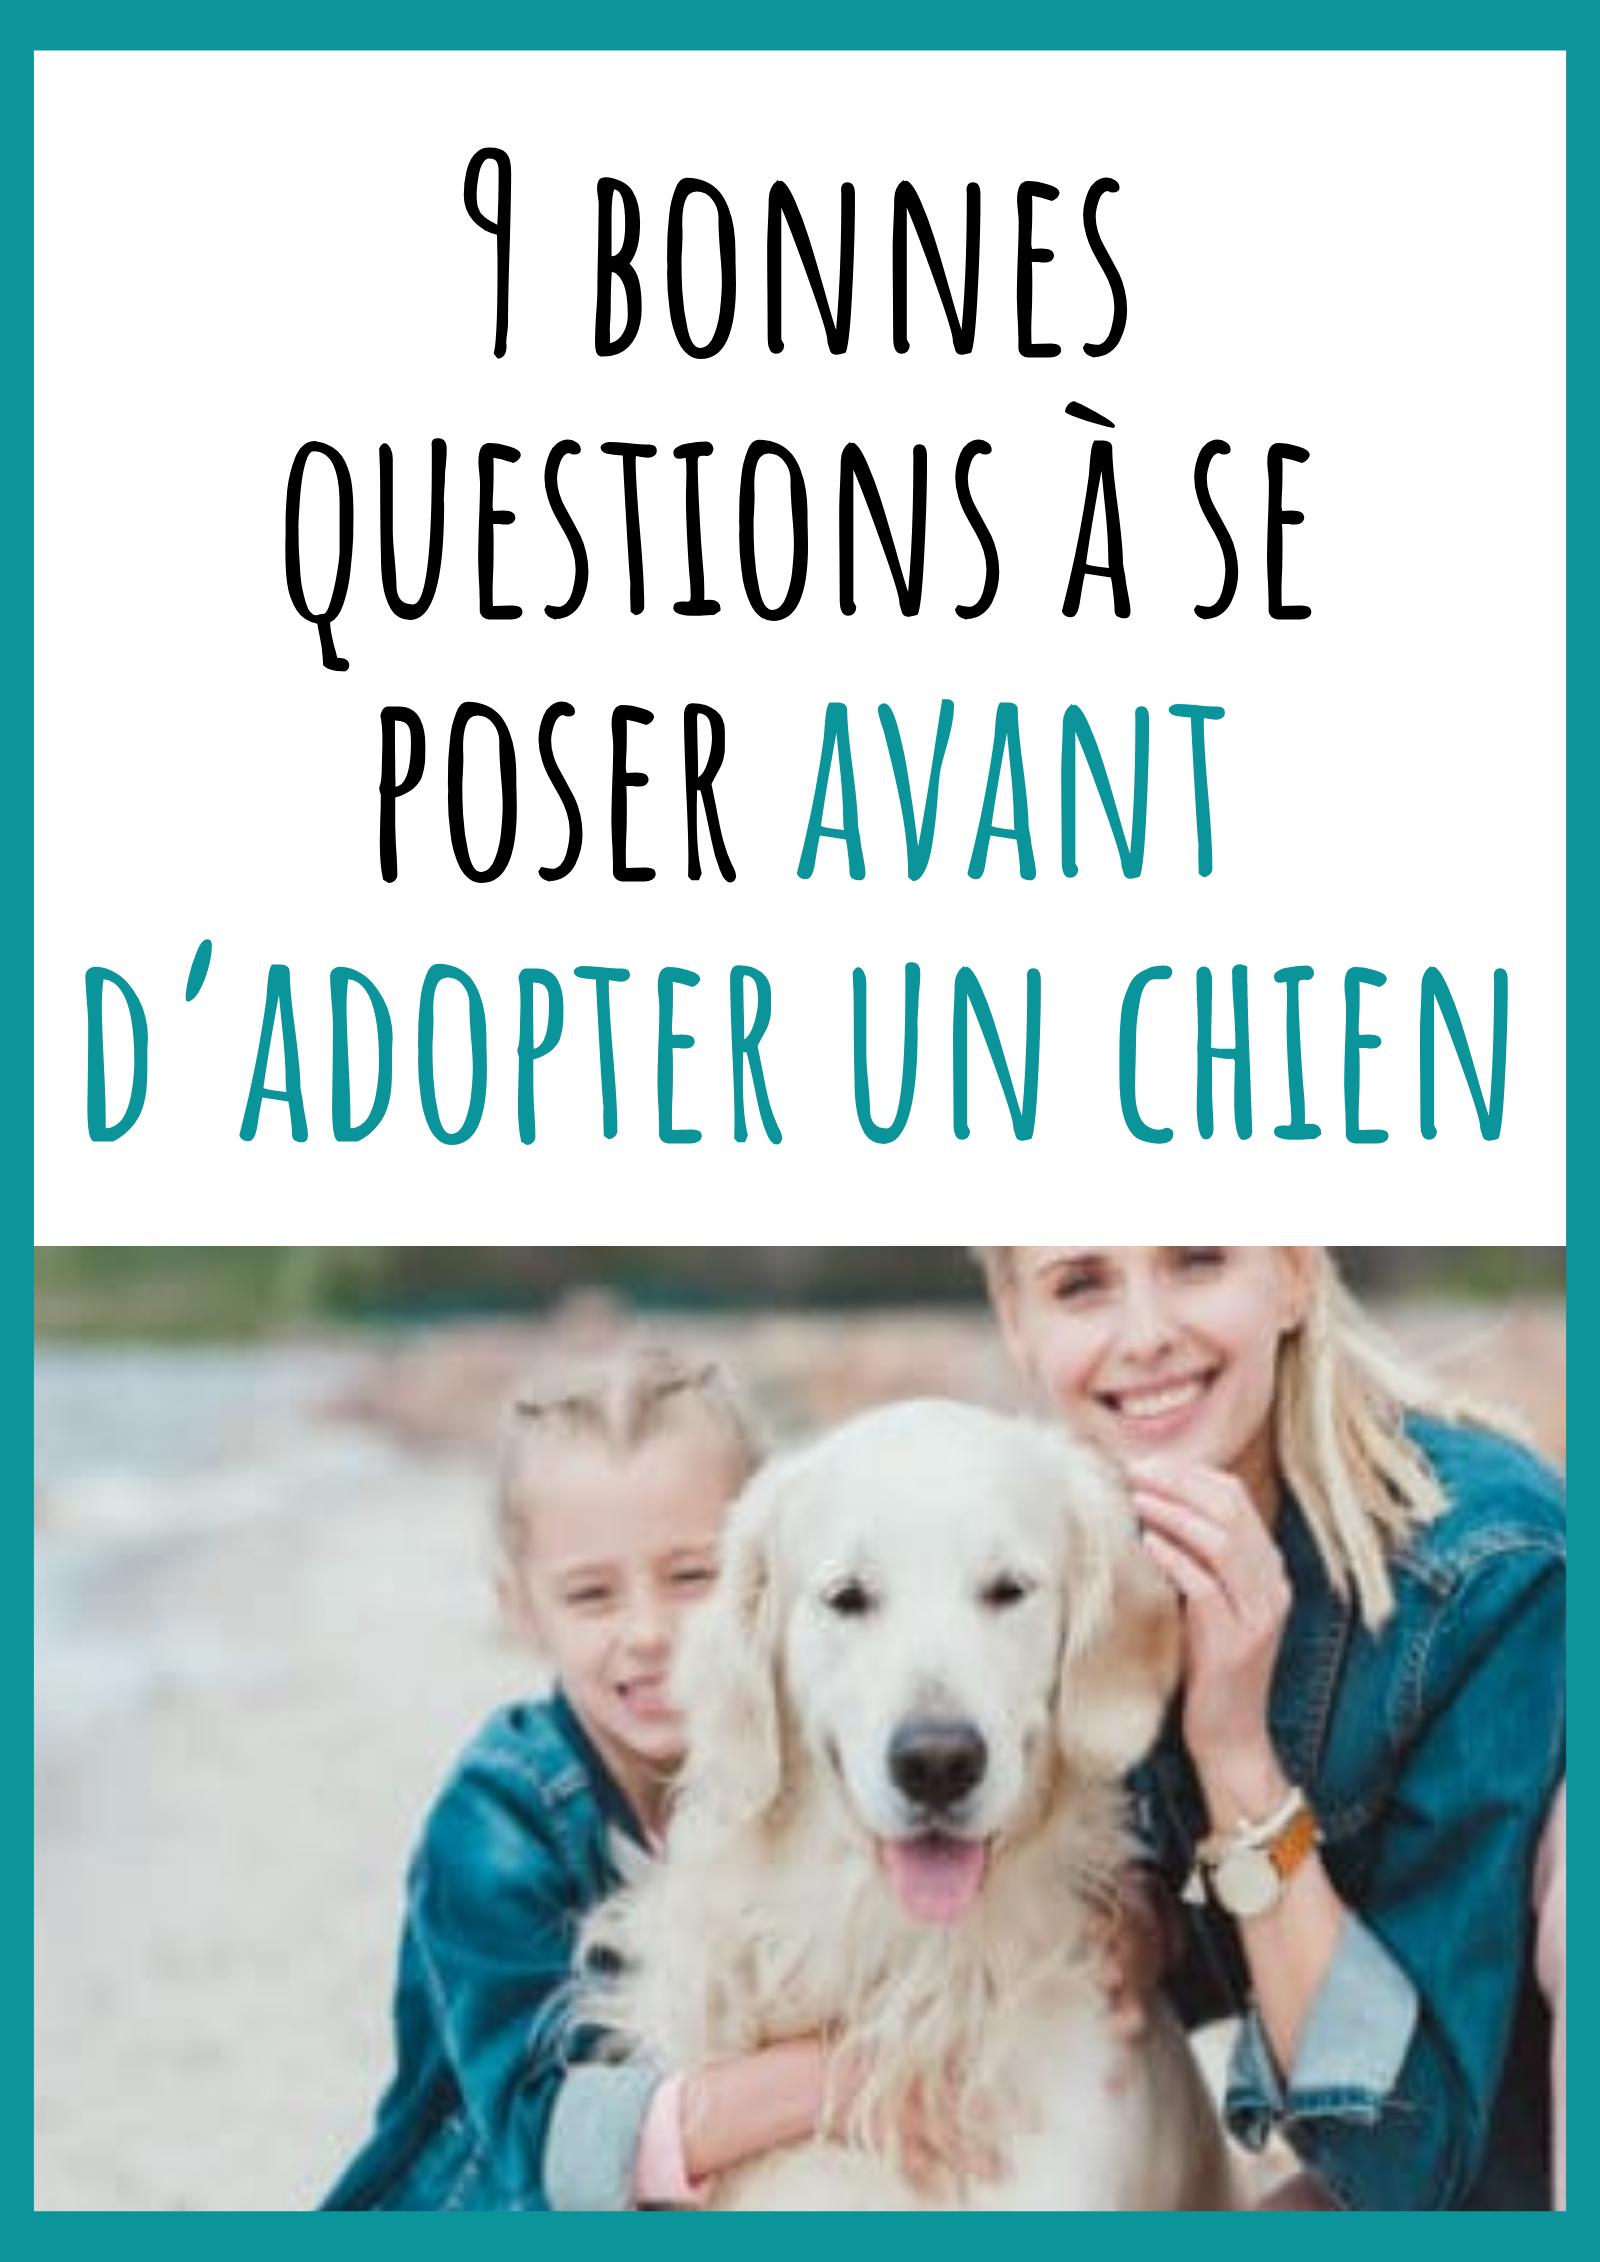 Adopter un chien, cela veut aussi dire avoir de nouvelles responsabilités et être prêt(e) à faire des sacrifices.